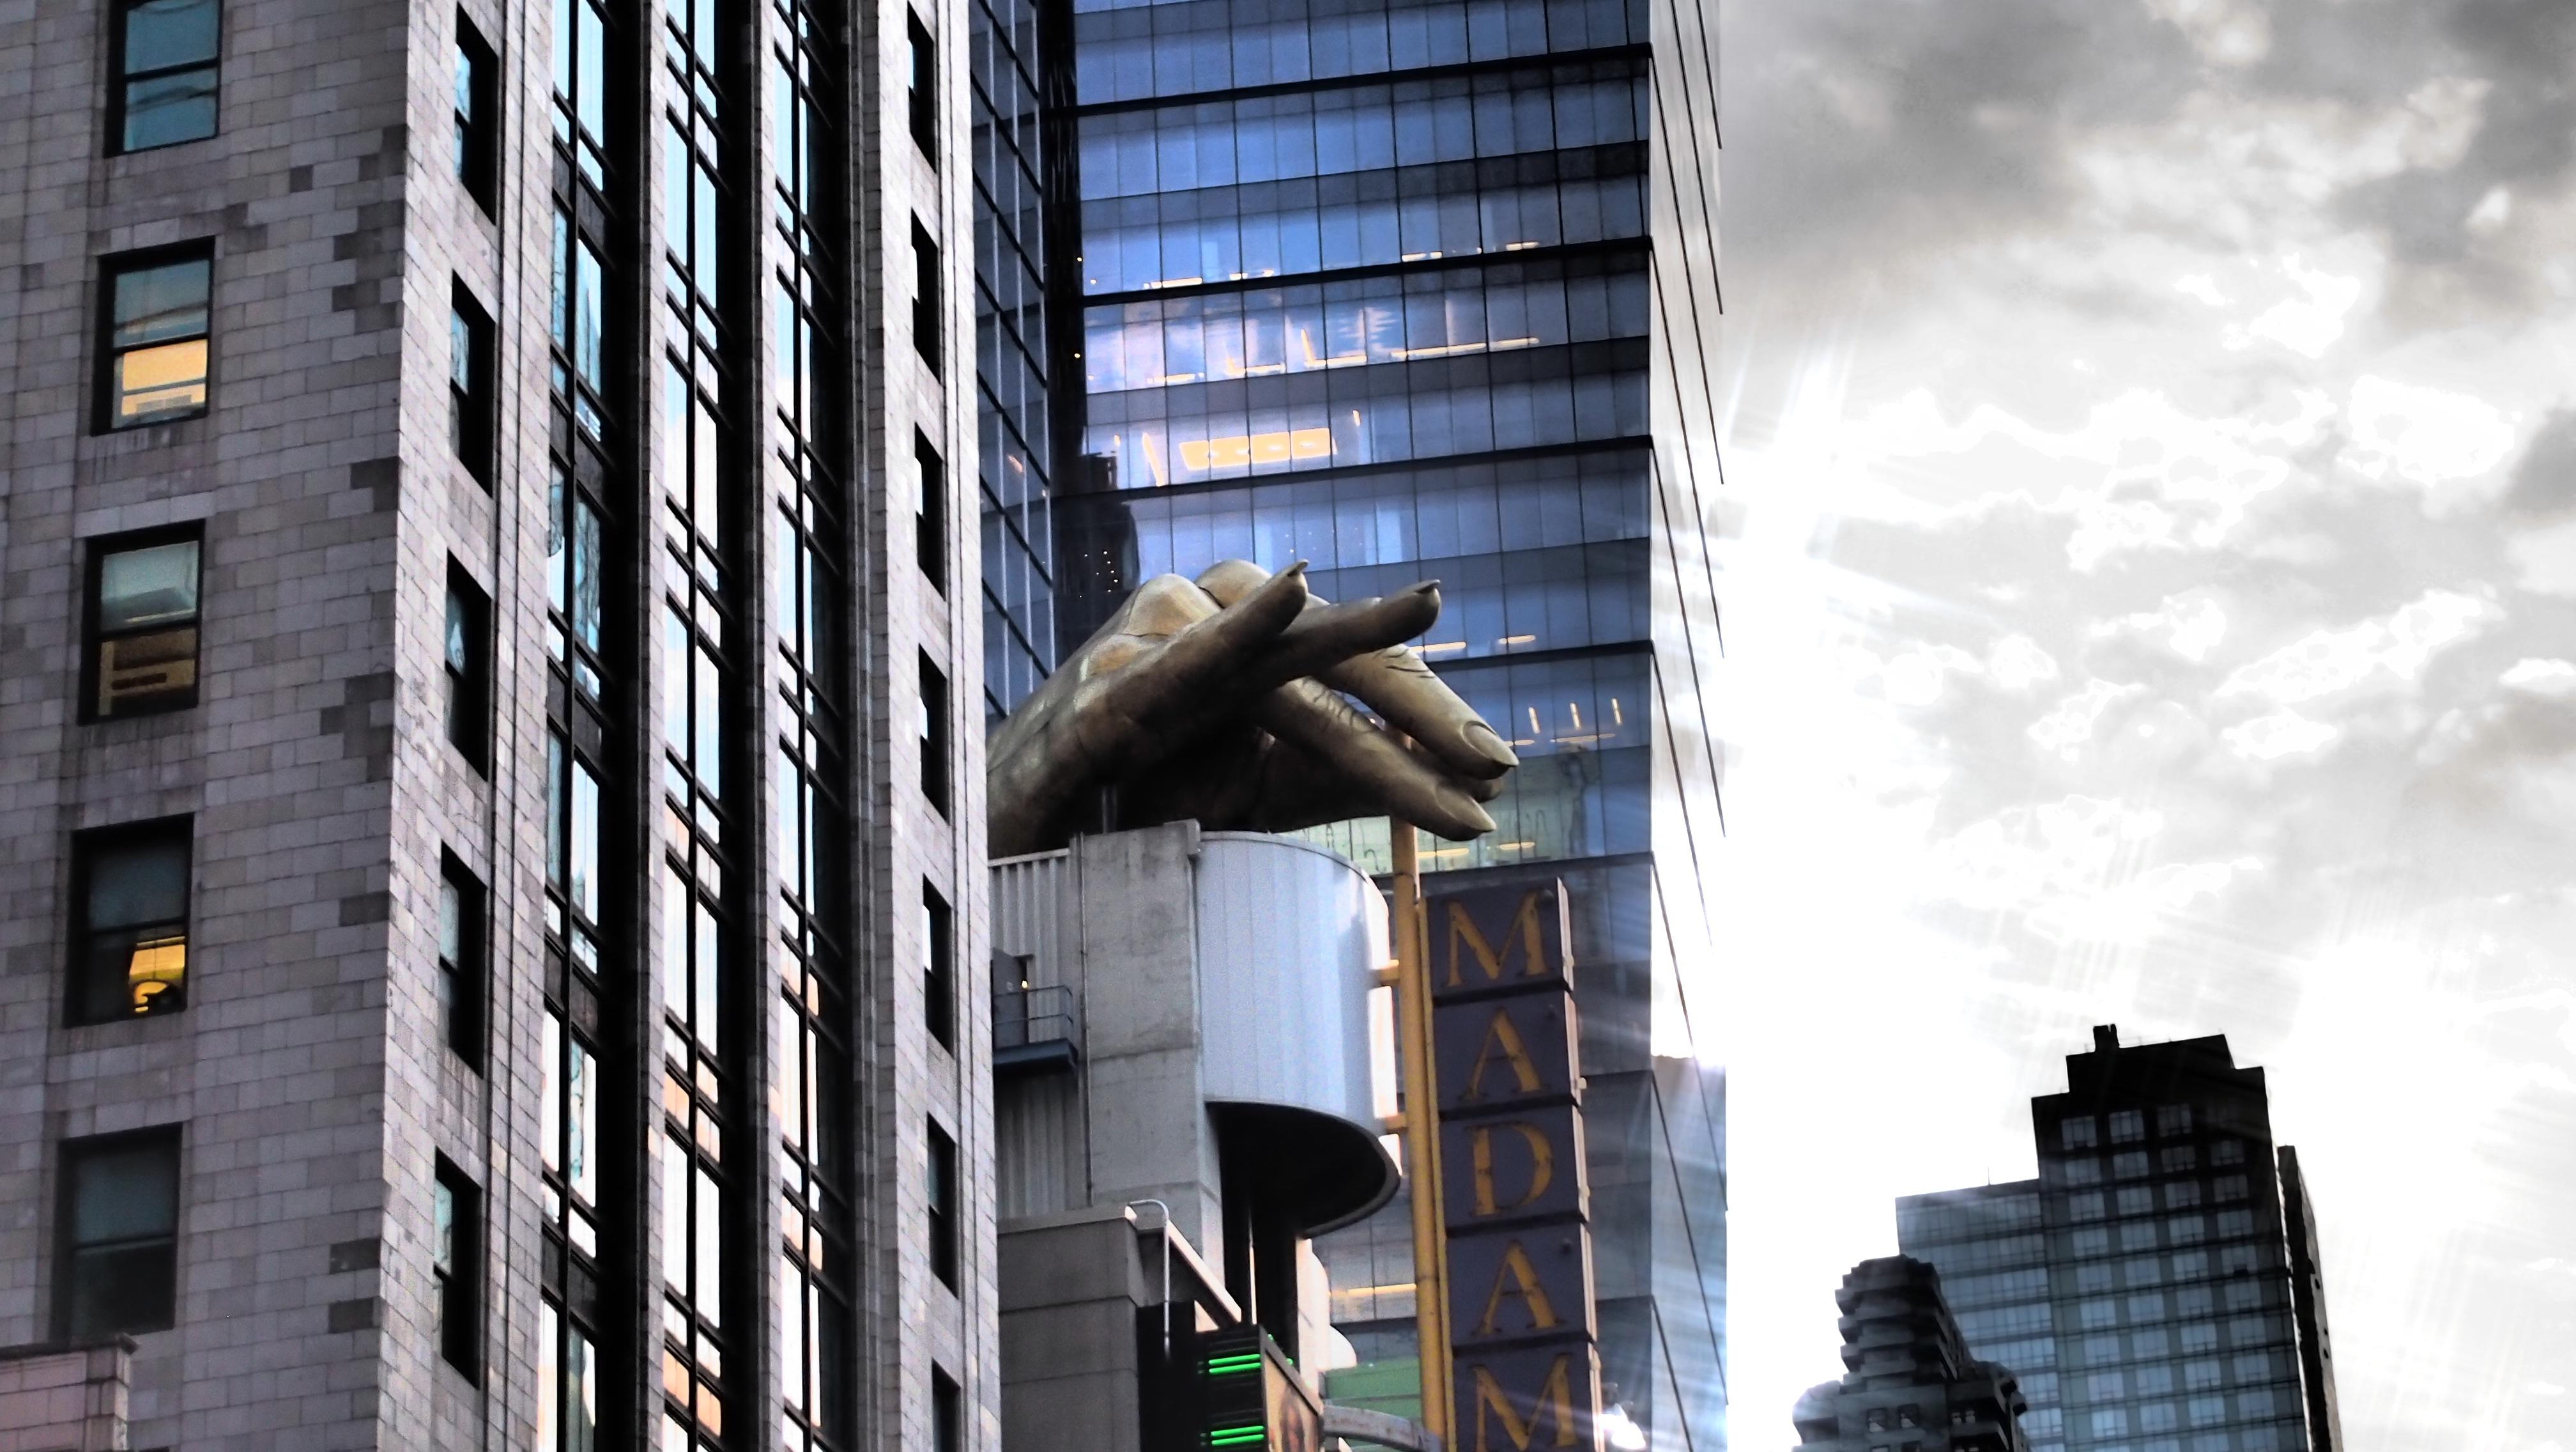 calle ciudad rascacielos nueva york pared manhattan paisaje urbano centro de la ciudad punto de